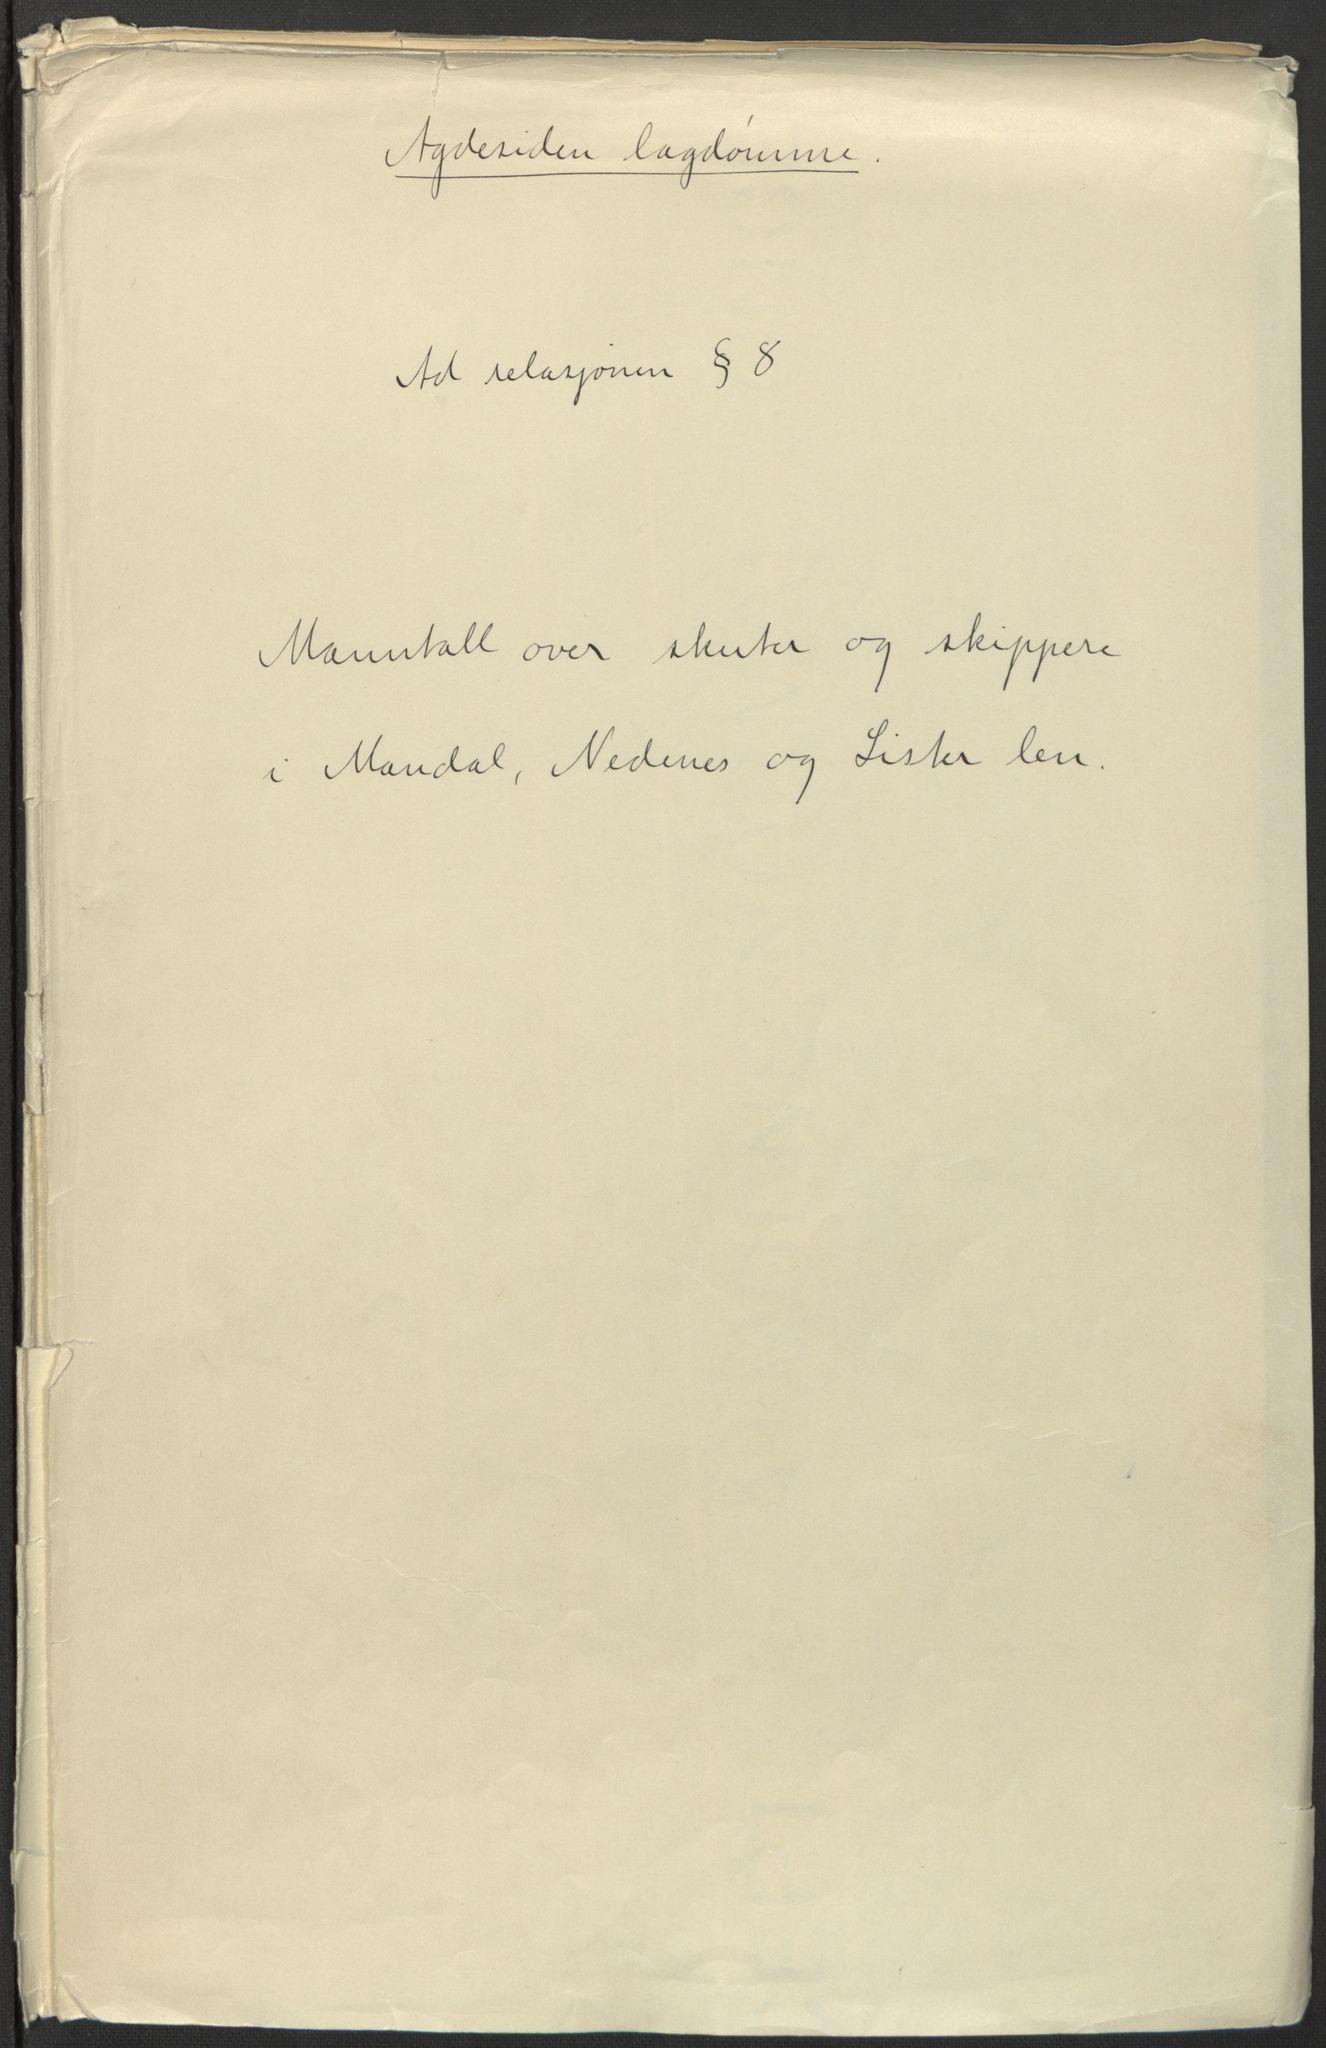 RA, Rentekammeret inntil 1814, Realistisk ordnet avdeling, L/L0022: Agder lagdømme:, 1661